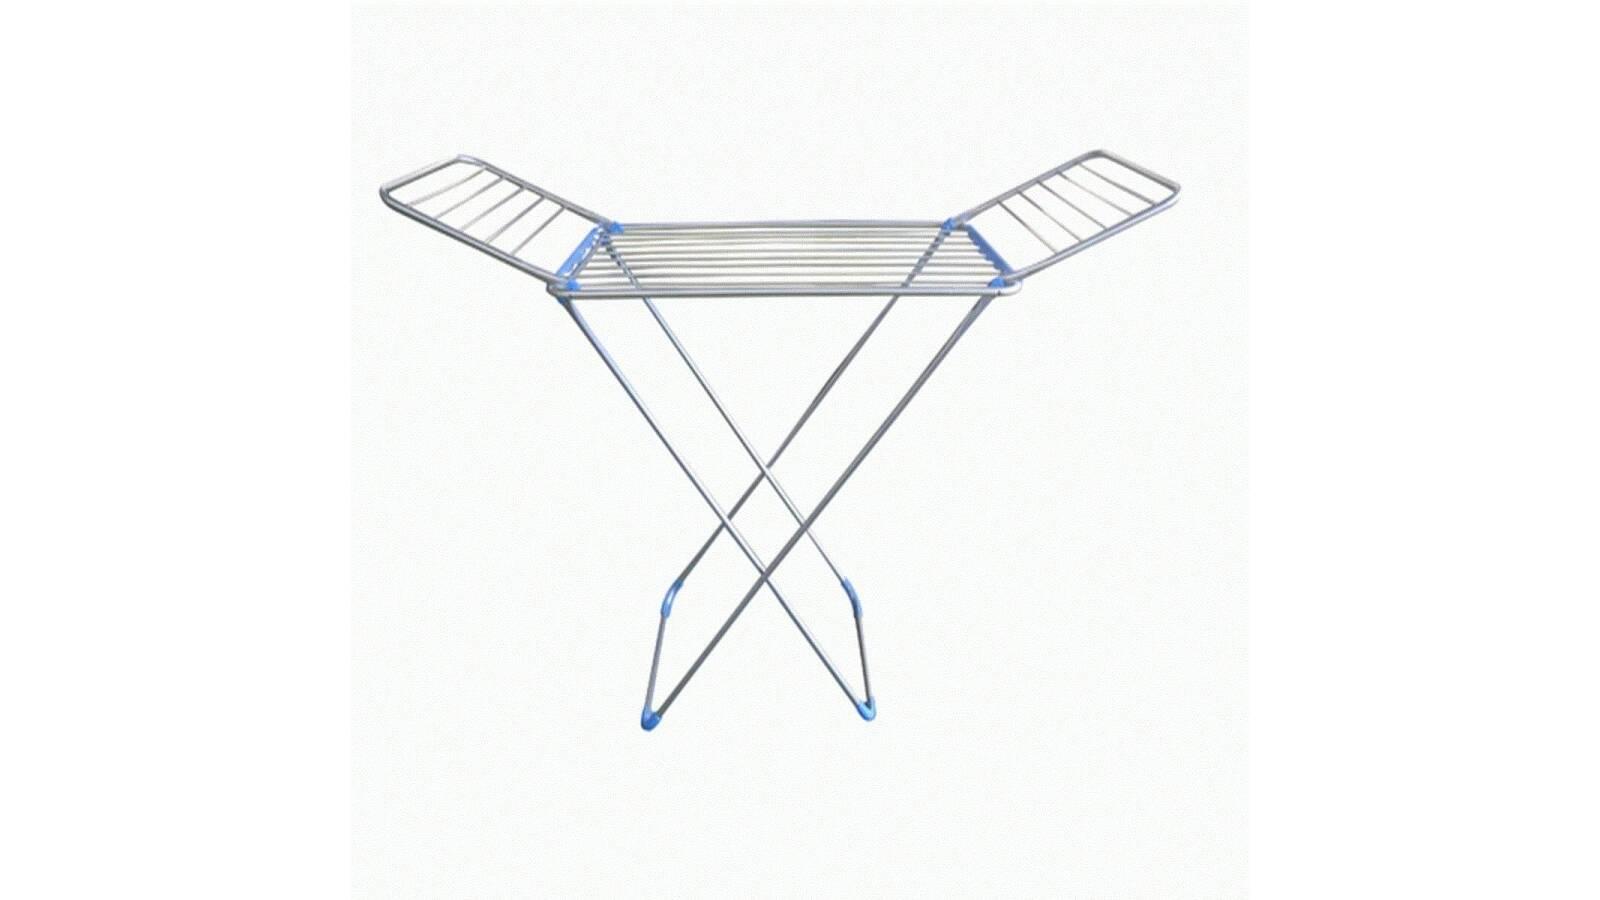 Tendedero de pie fabricado en aluminio